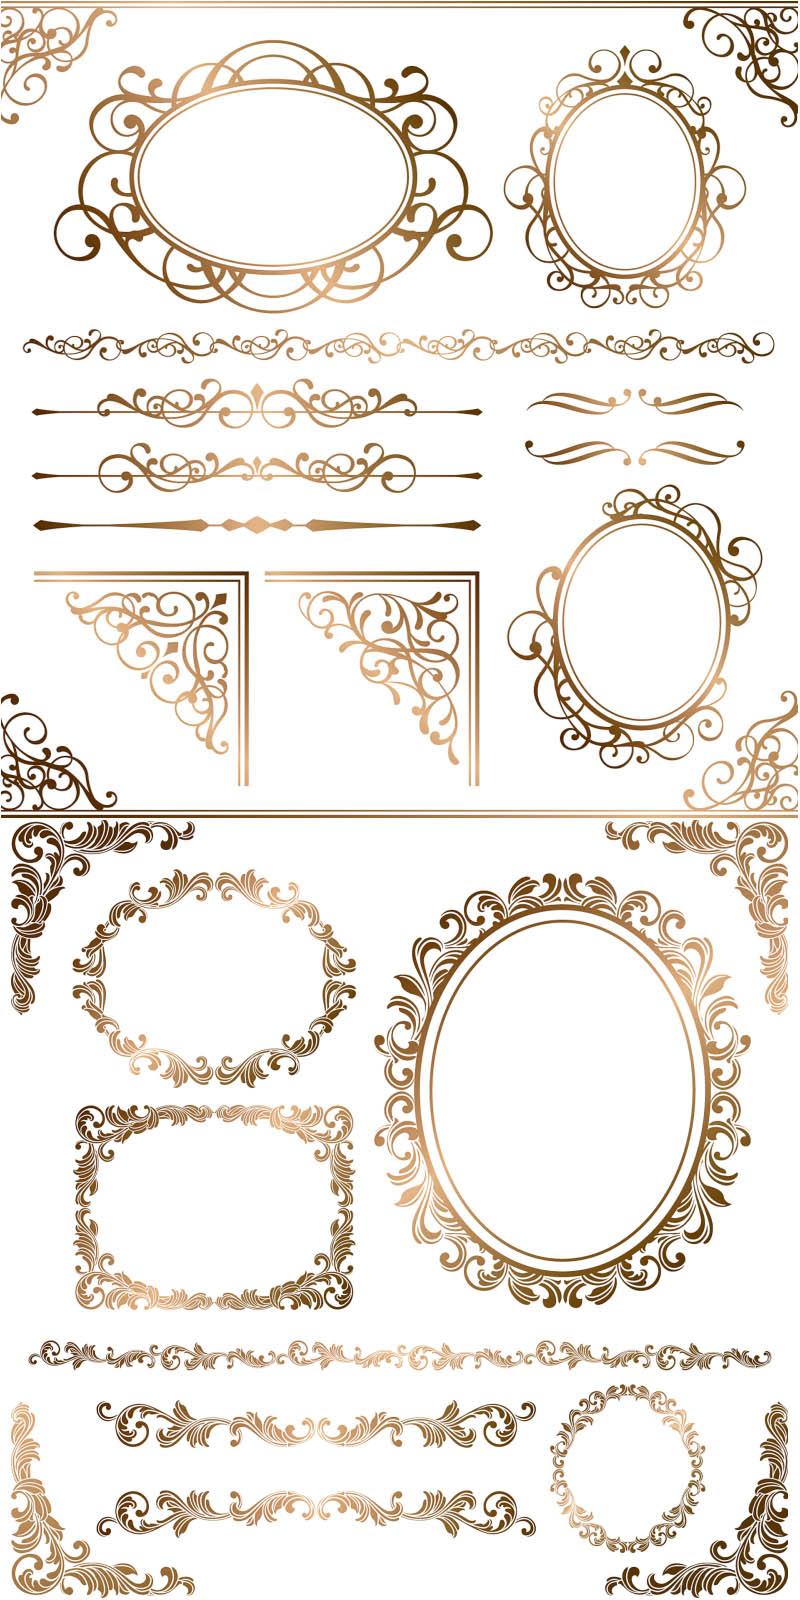 Element clipart gold decorative line Frames vintage frames ornamental Gold